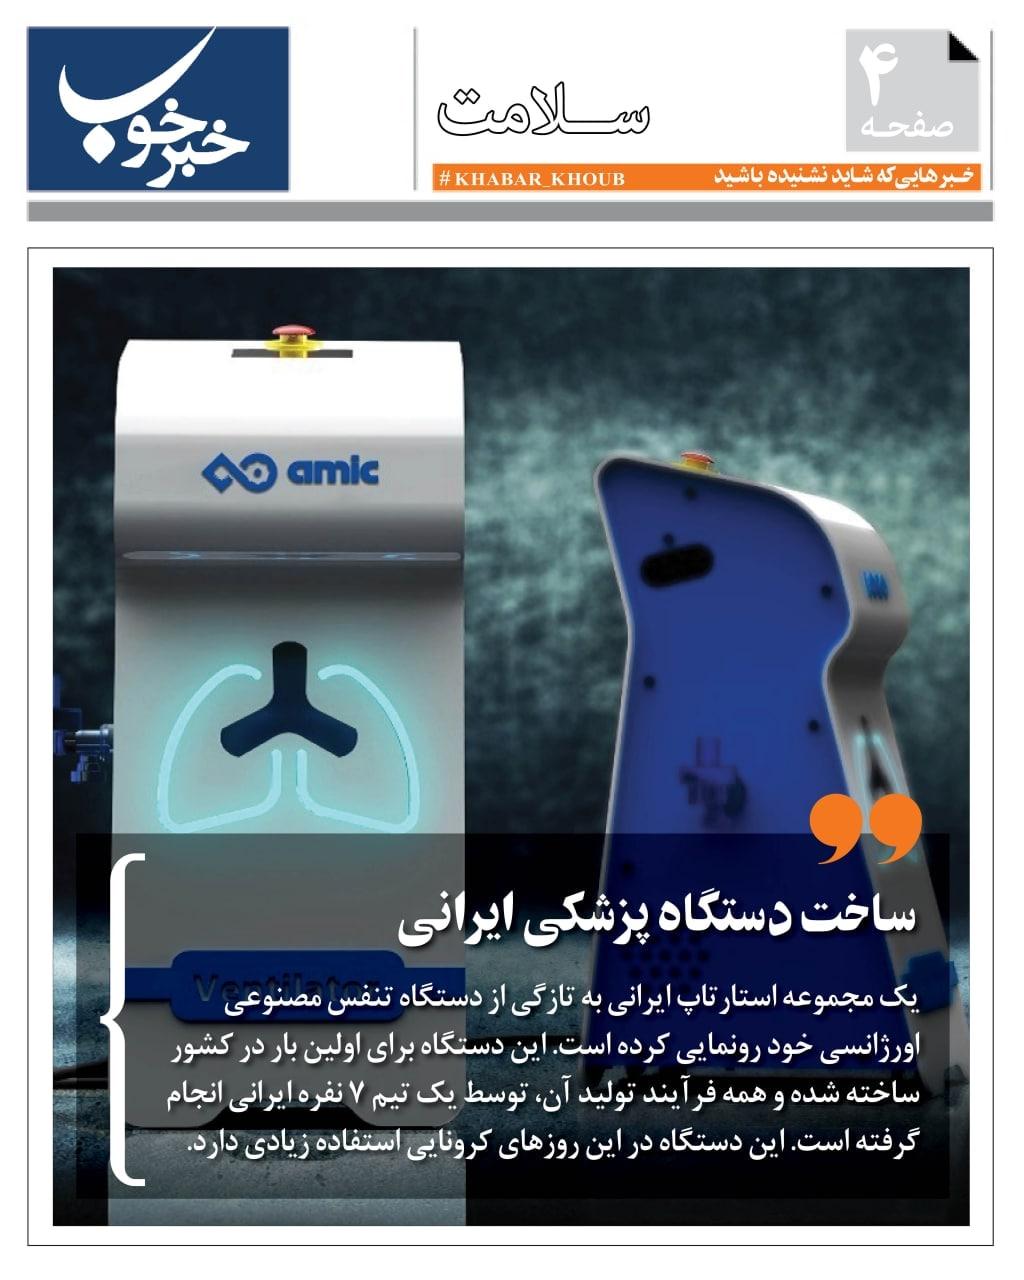 ساخت دستگاه پزشکی ایرانی + عکس